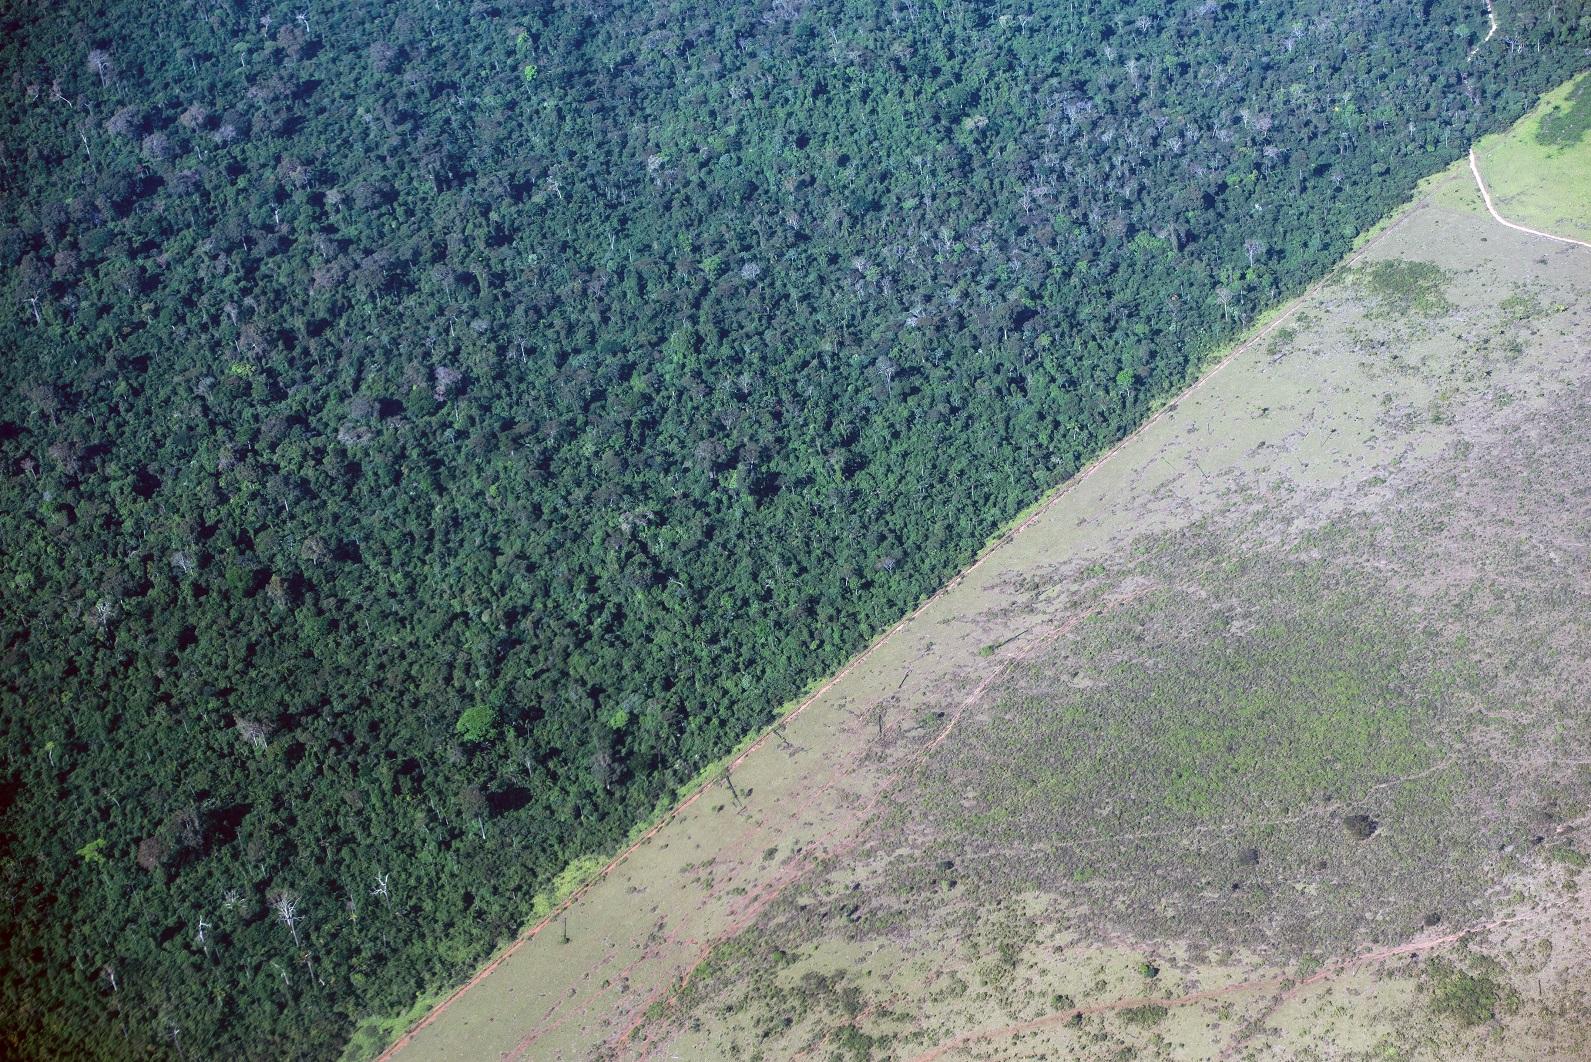 Área de desmatamento na Amazônia é interrompida às margens de uma reserva indígena no Pará. Foto Yasuyoshi Chiba/AFP